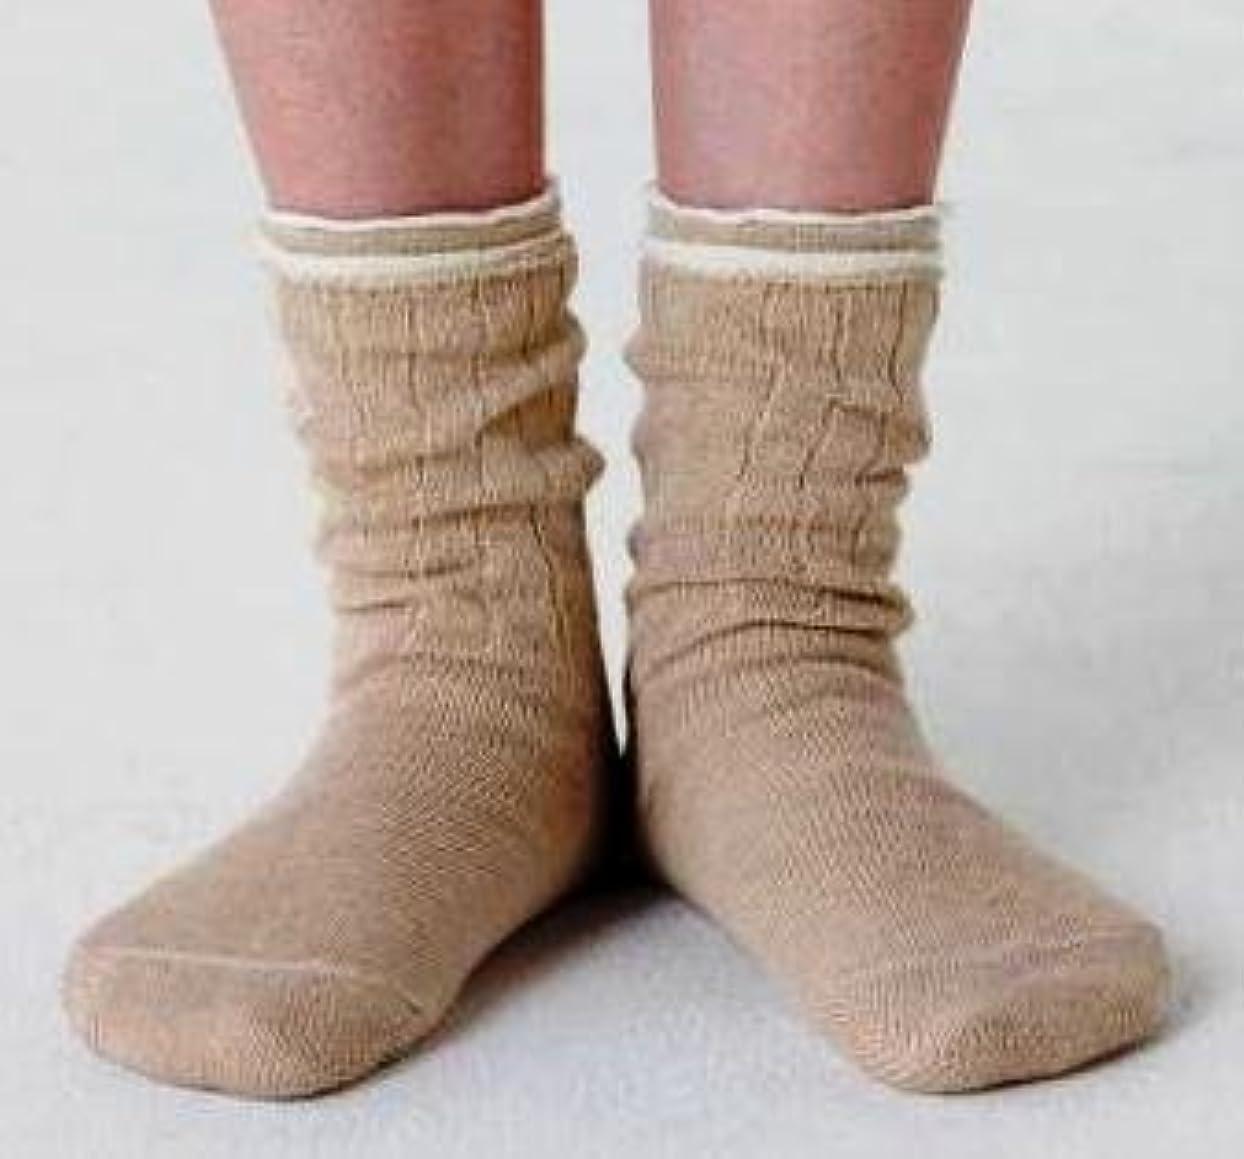 涙が出るスラック儀式冷え取り靴下 4枚重ね履きソックス(絹?綿?絹?綿) Lサイズ:25~27cm